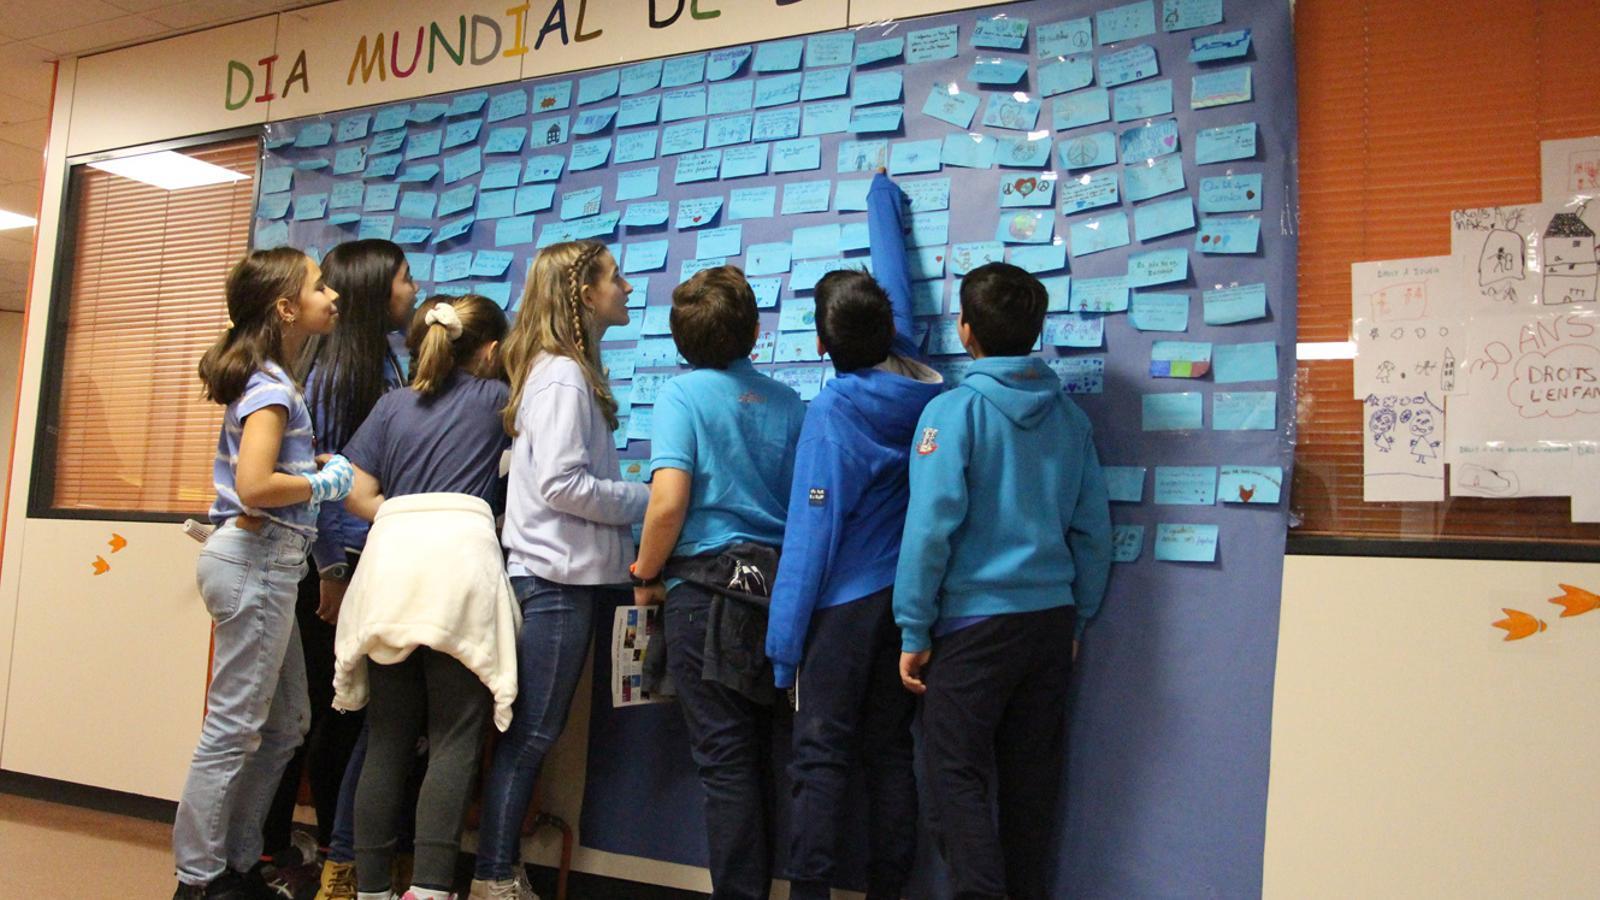 Els escolars d'Encamp davant el mural on han enganxat les seves inquietuds i drets. / M. P. (ANA)